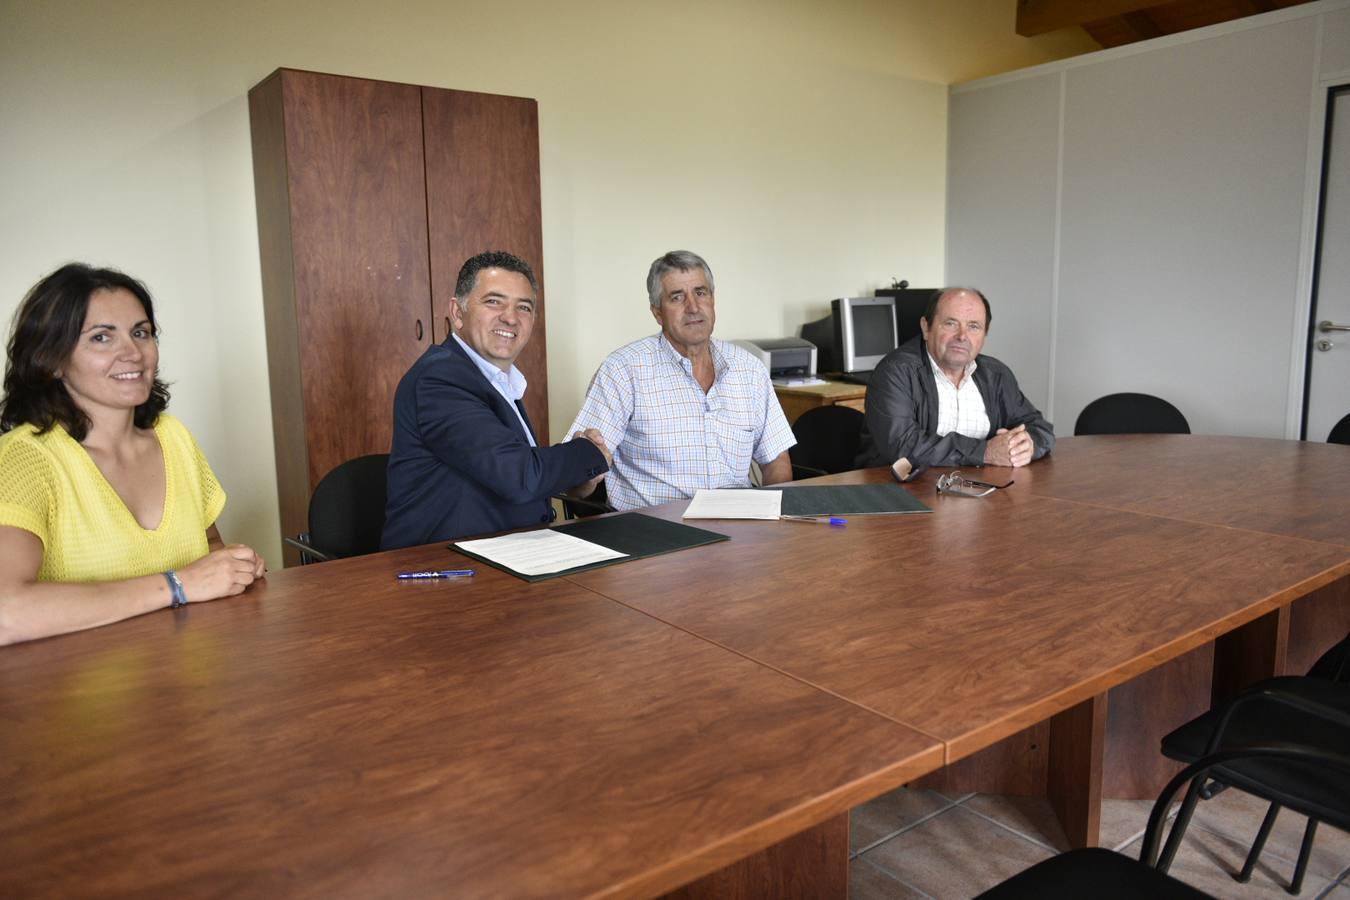 Convenio para reurbanizar tres calles de Cellorigo